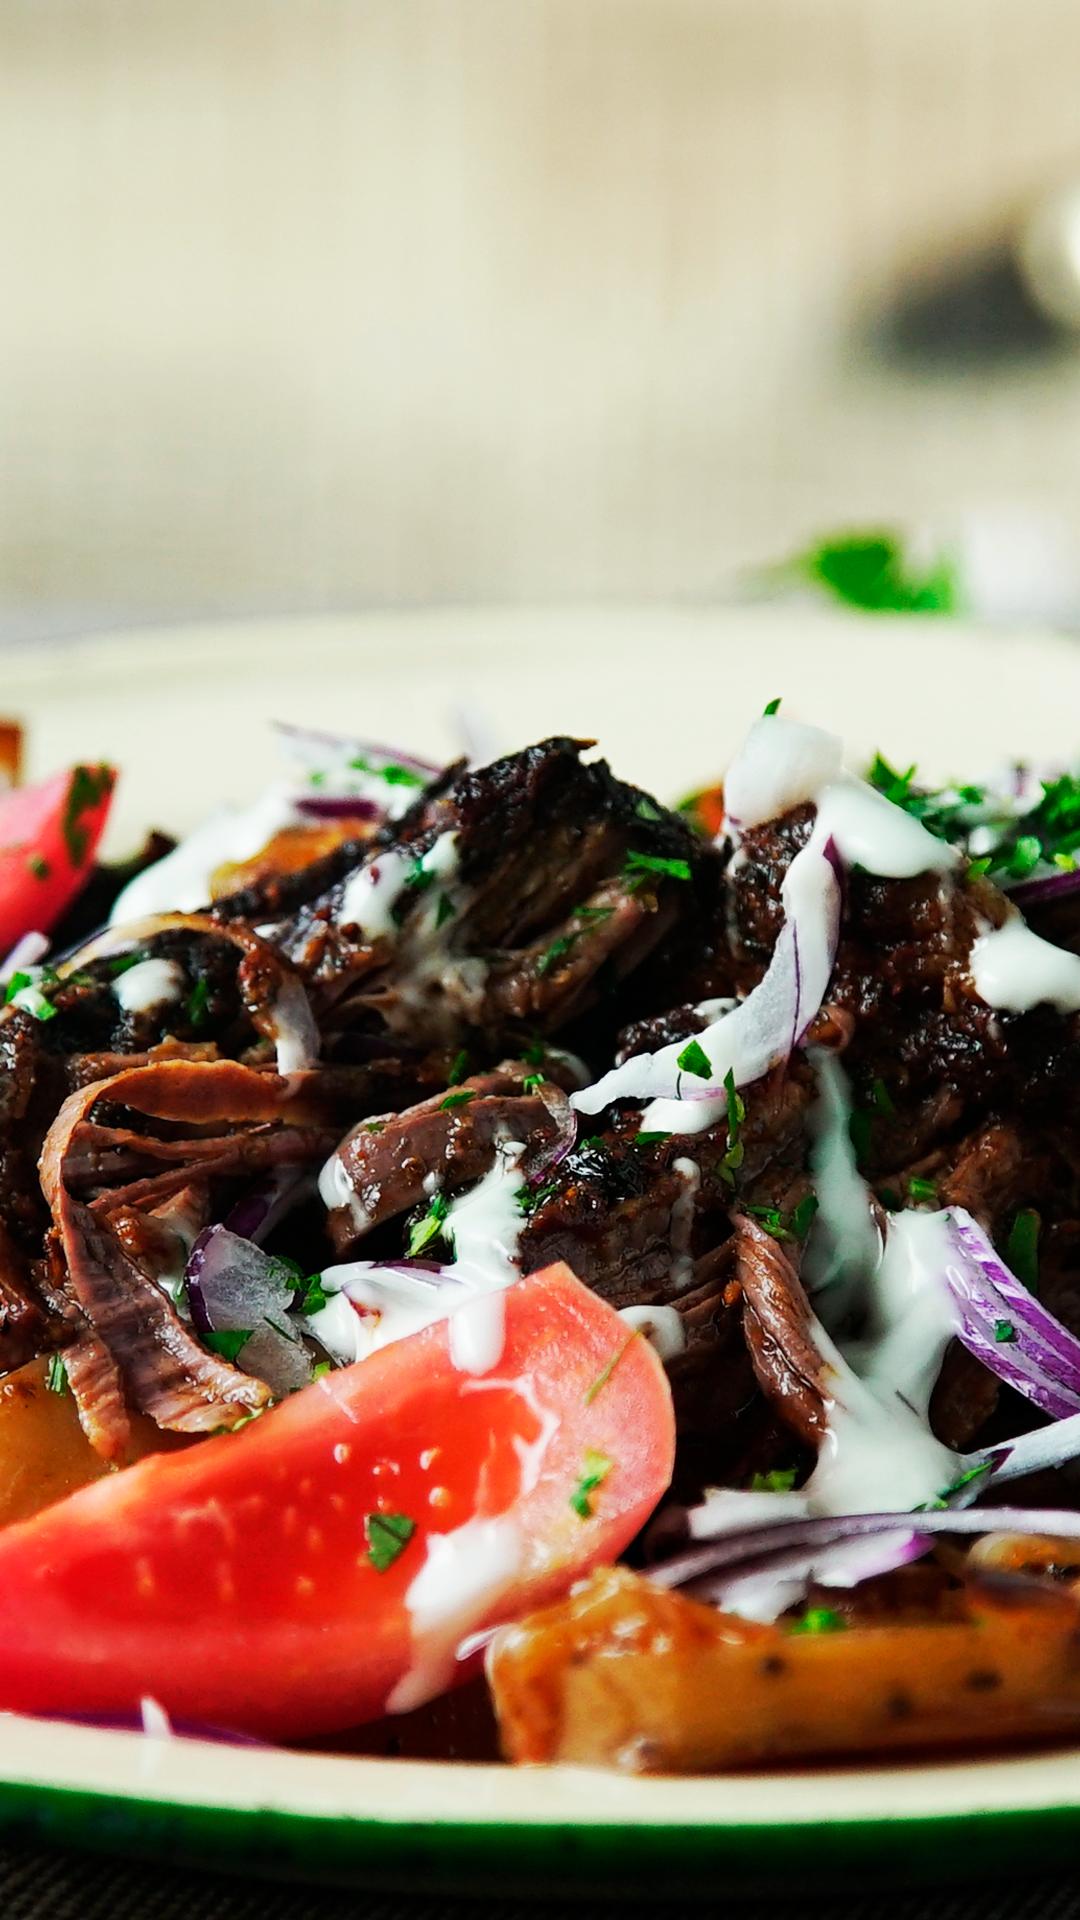 Shredded Steak with Vegetables